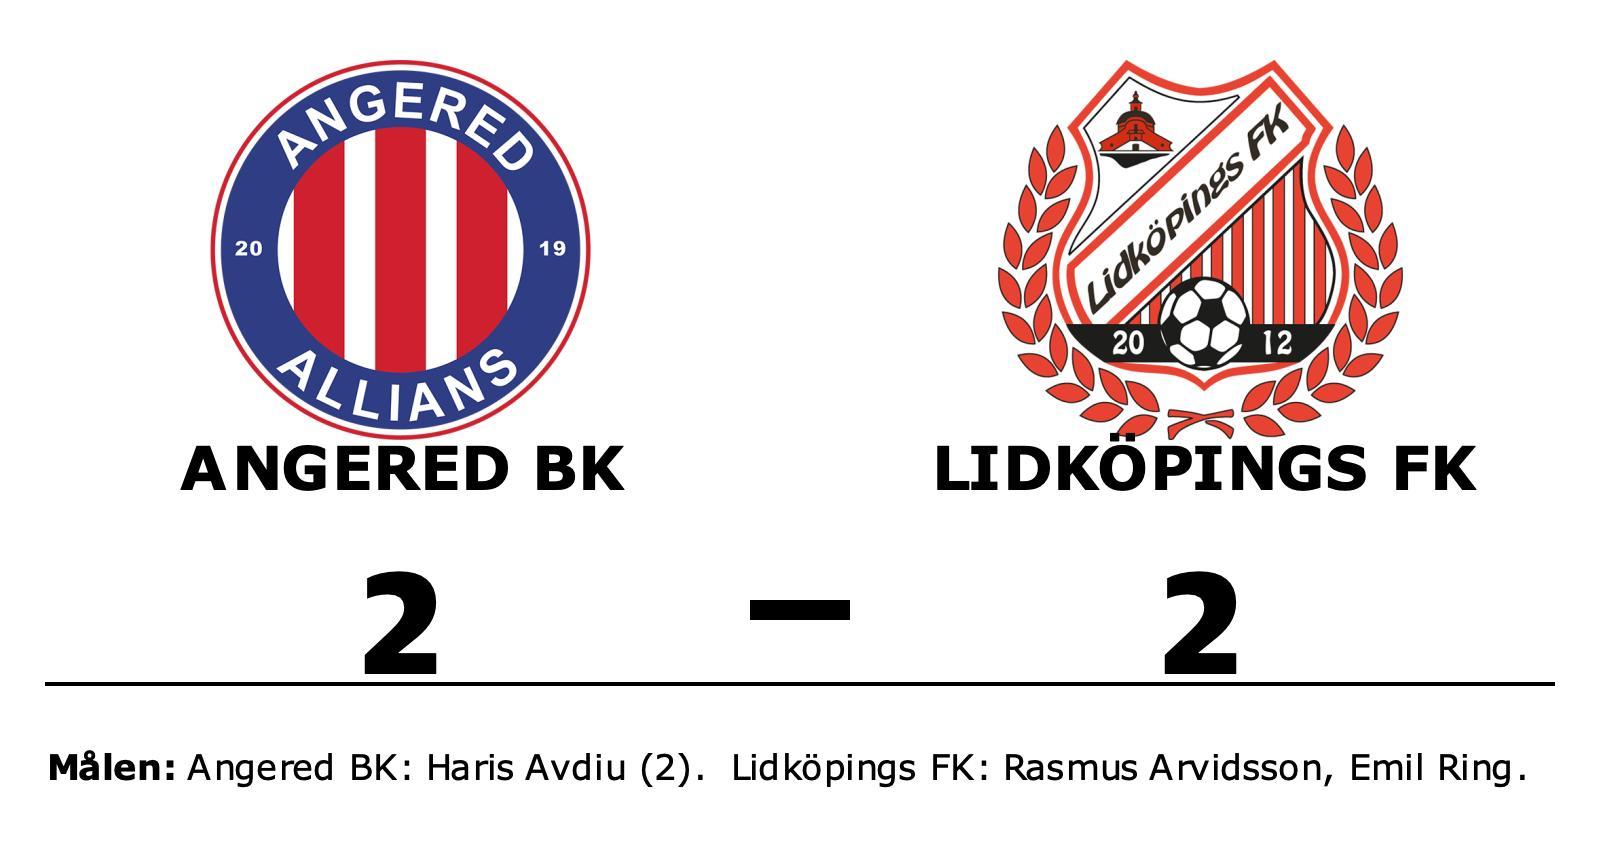 Angered BK lyfte sig i andra och fixade kryss hemma mot Lidköpings FK